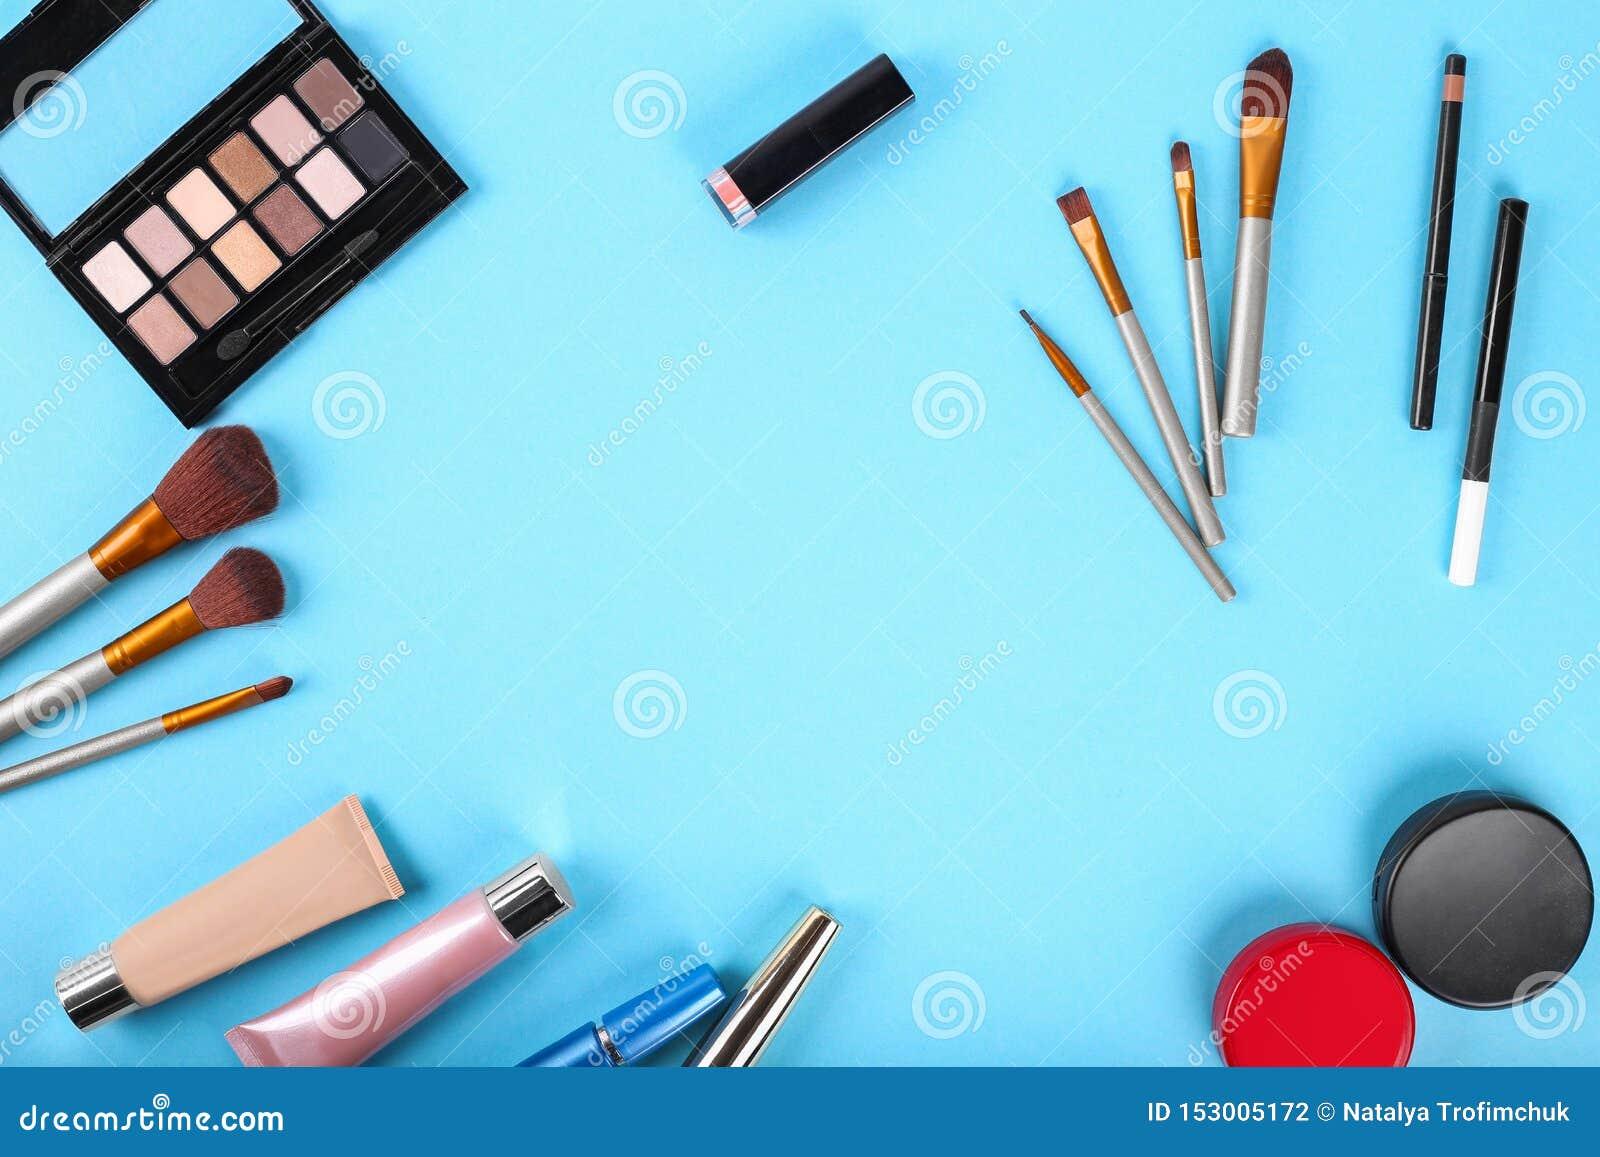 Flache Lage Palette von Schatten und von Make-upb?rsten Pulver, Abdeckstift, Leuchtmarker, Wimperntusche, Lippenstift